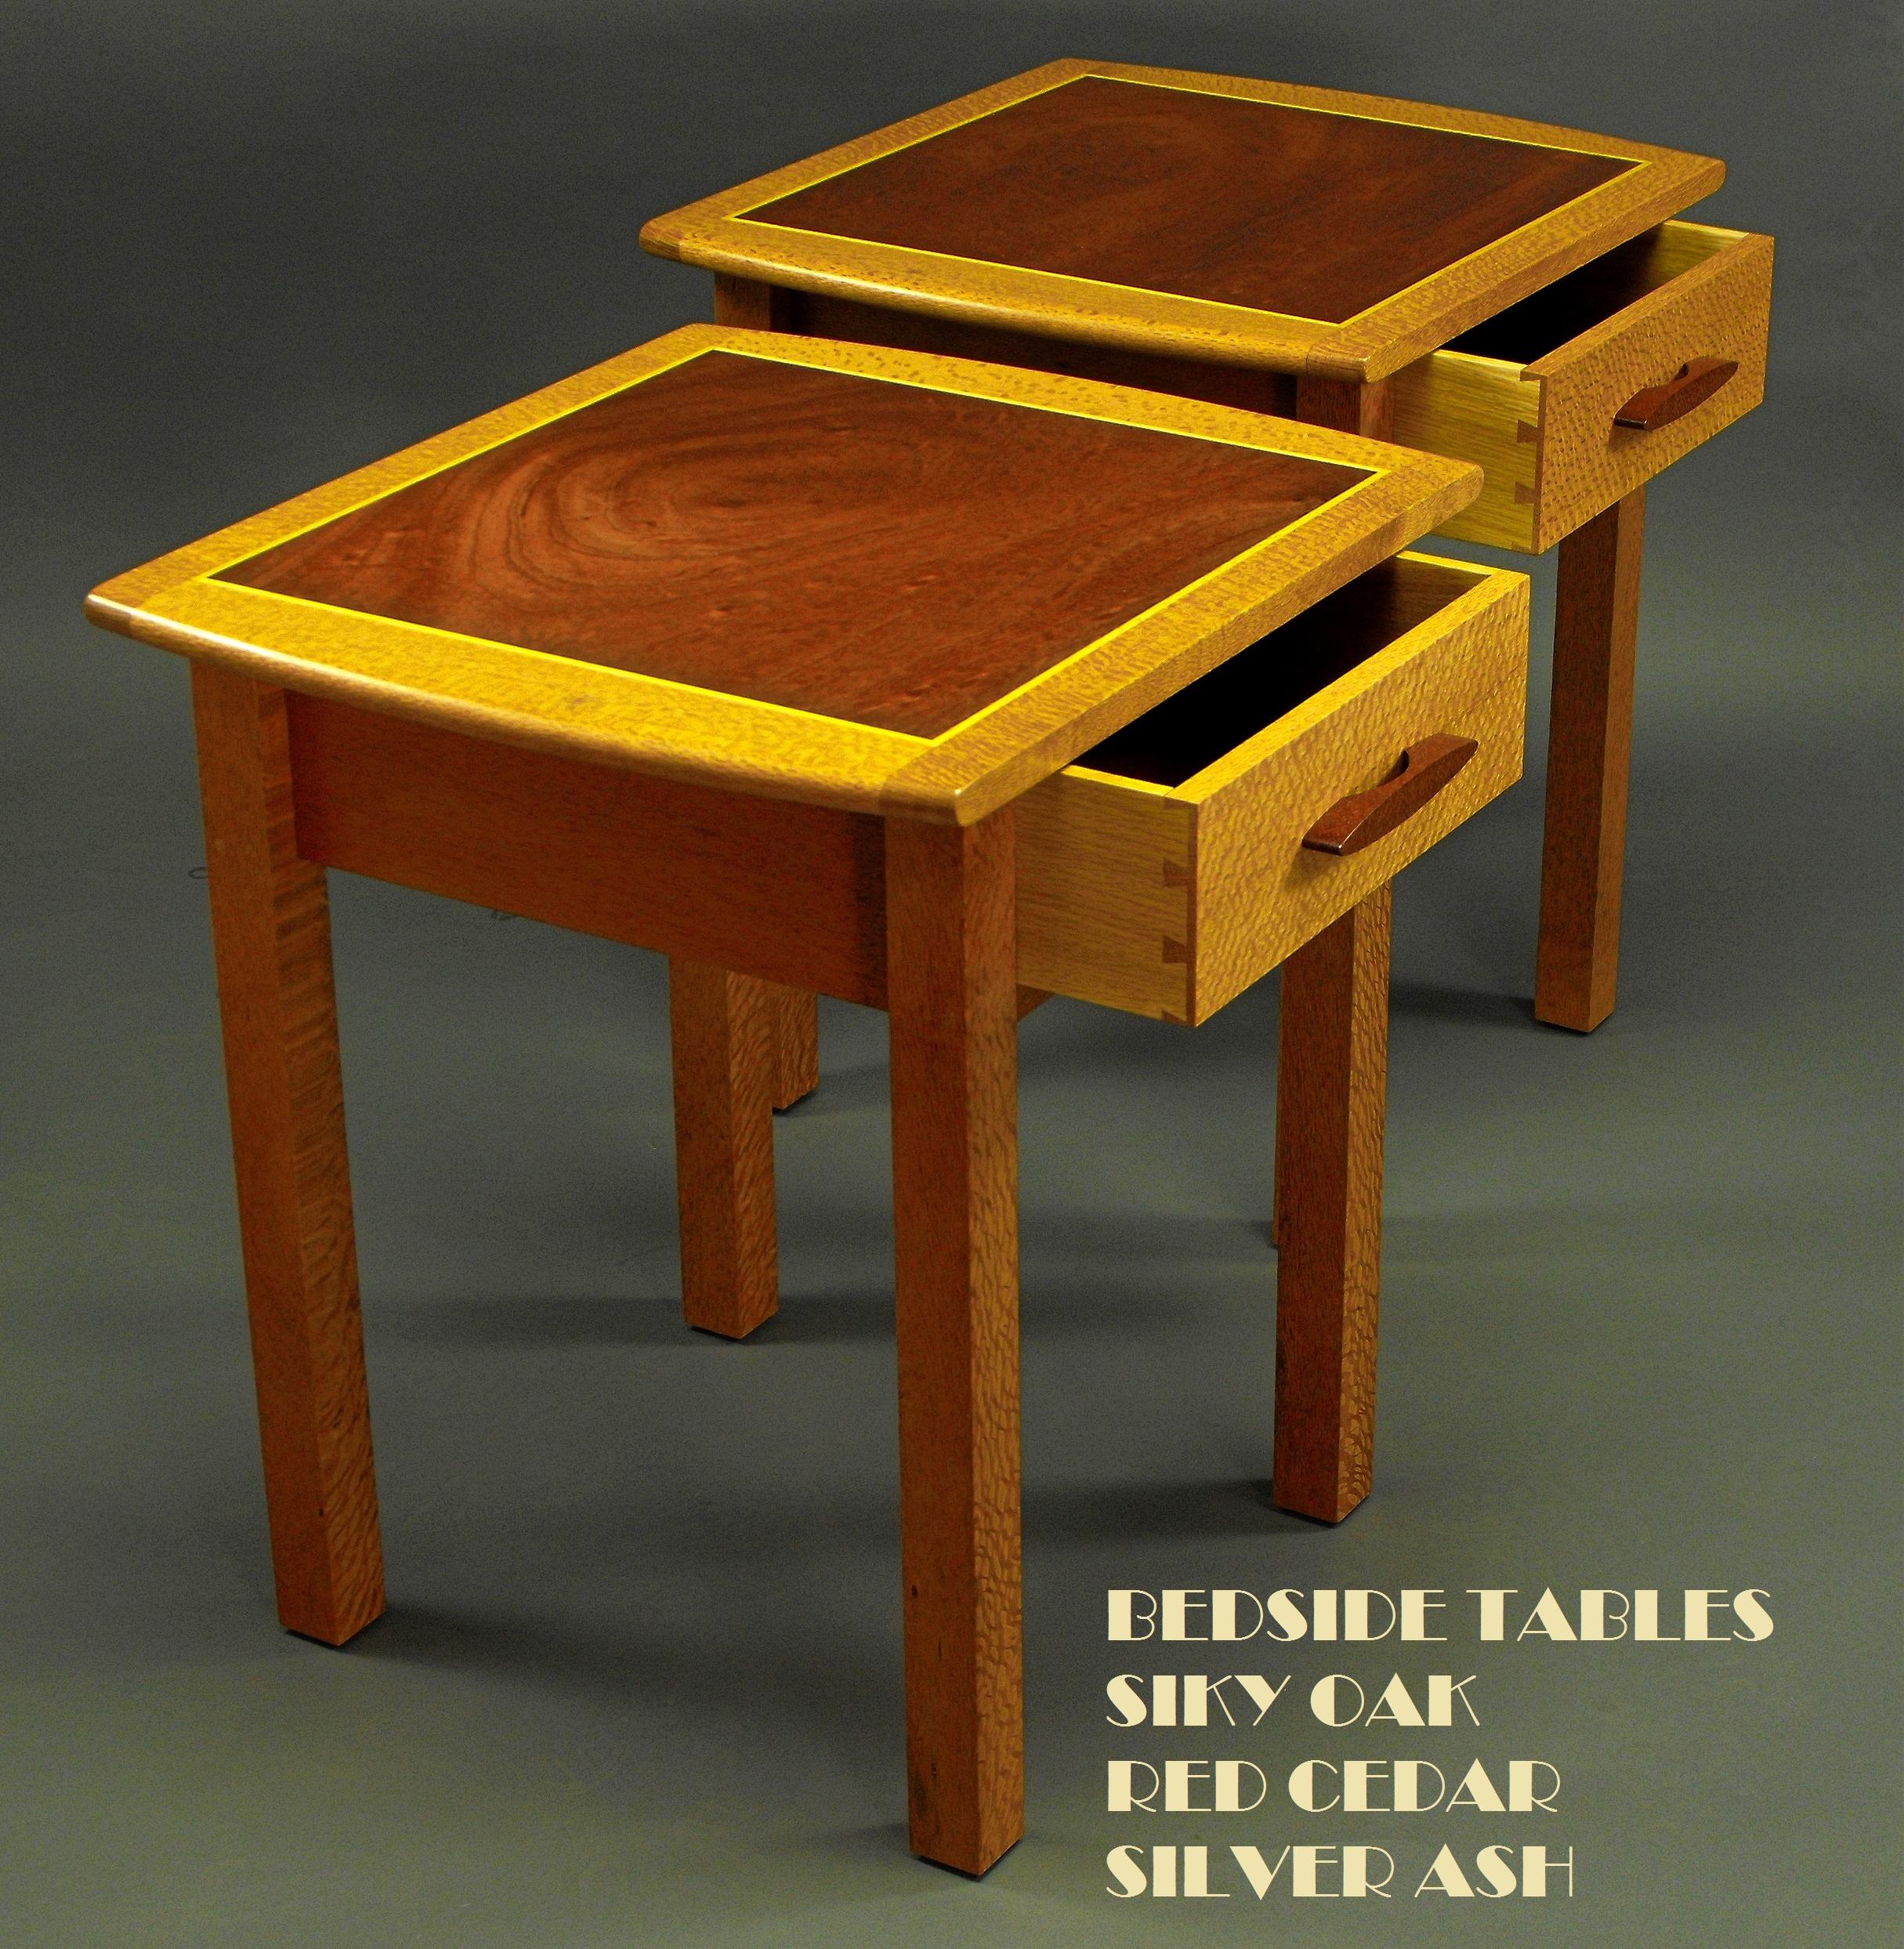 Bedside Tables Old Red Cedar & Silky Oak 1d-1